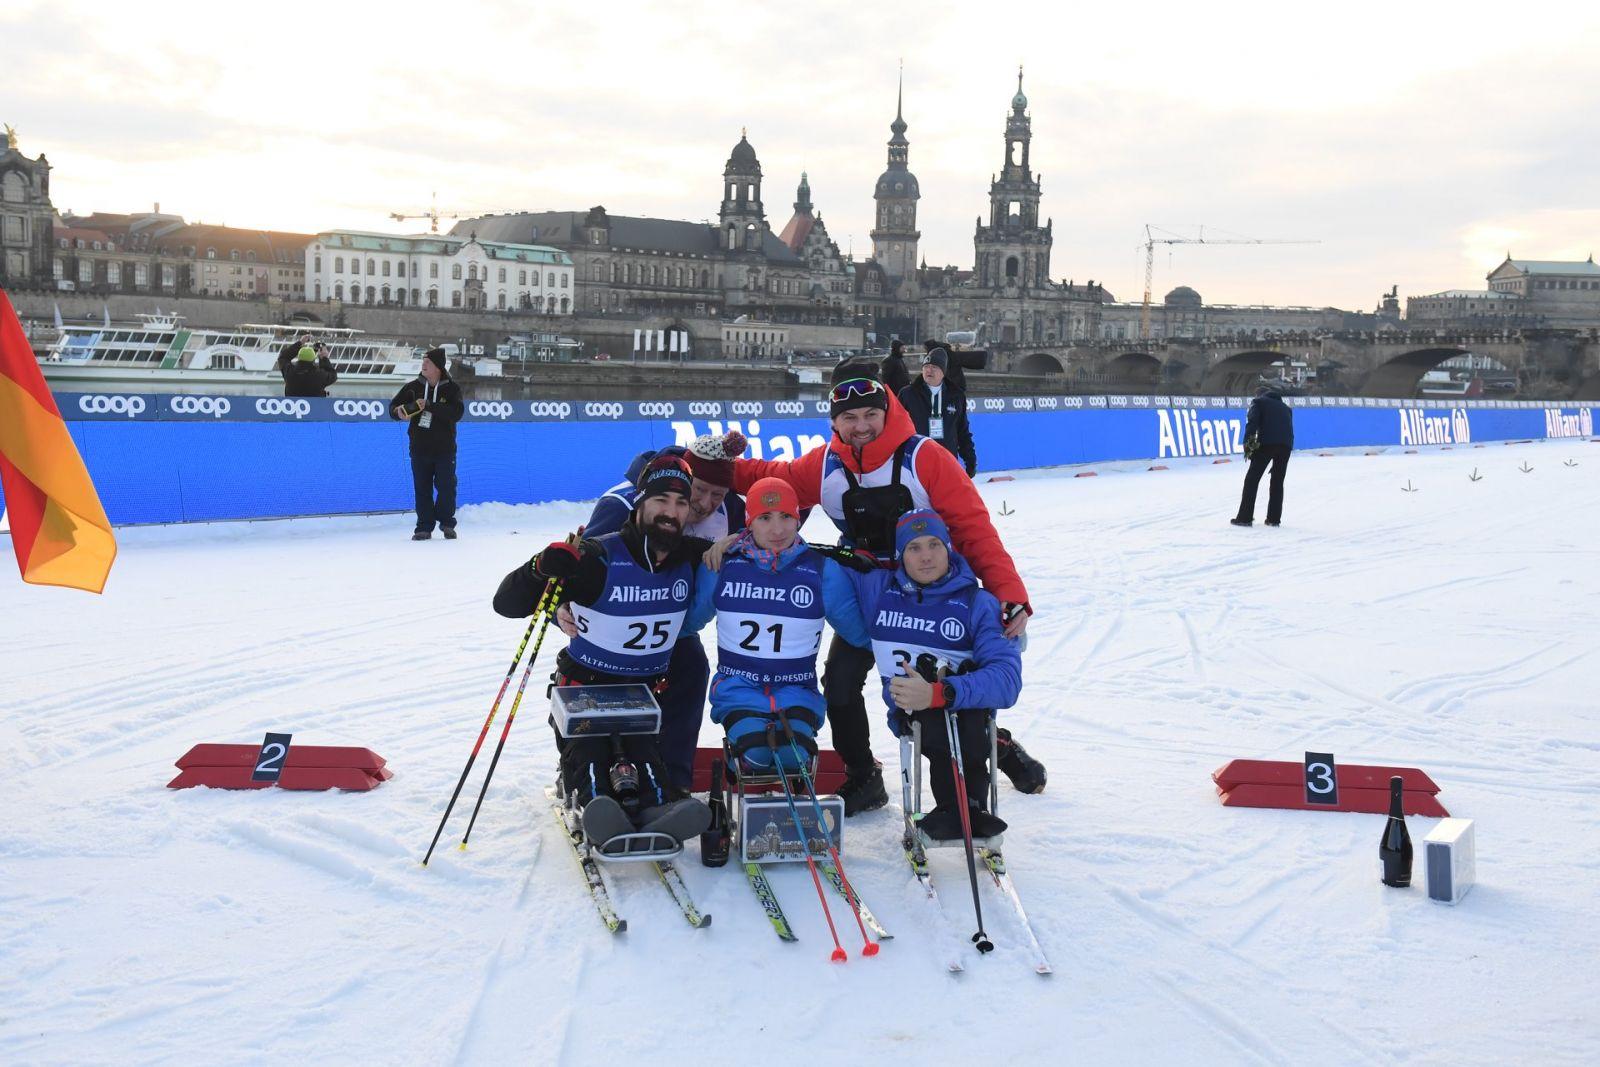 6 золотых и по 3 серебряные и бронзовые медали завоевала сборная России по итогам 4-х дней Кубка мира по лыжным гонкам и биатлону МПК в Германии